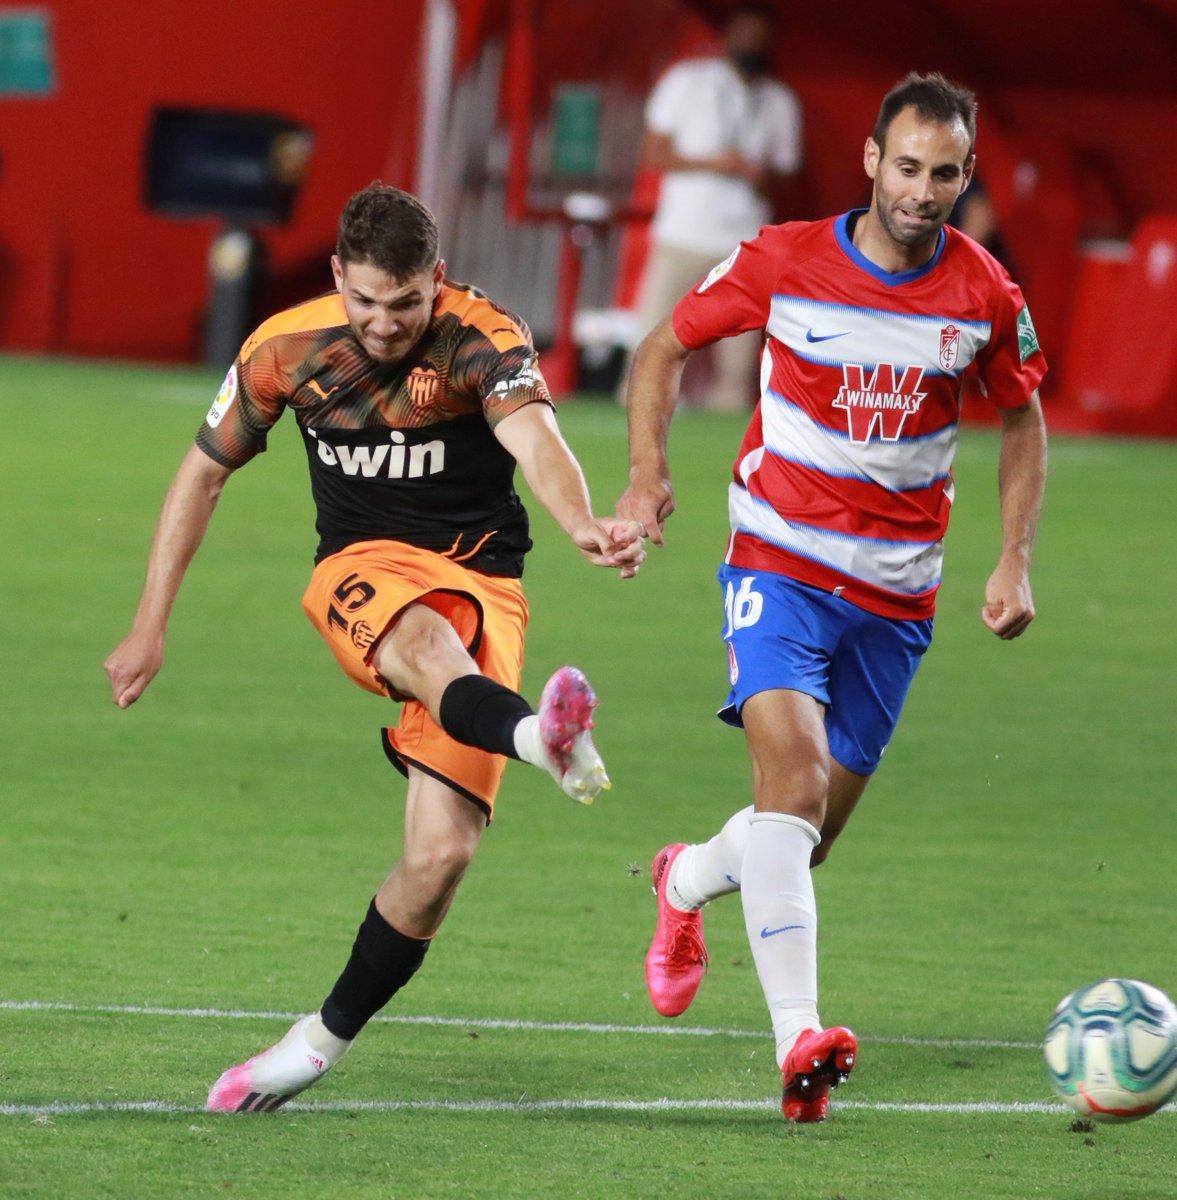 🔋 Volver a la titularidad tras una grave lesión. ⚽ Marcar el primer gol de tu equipo. 🙌 ¡Manu Vallejo lo hizo! 🙌 #GranadaValencia